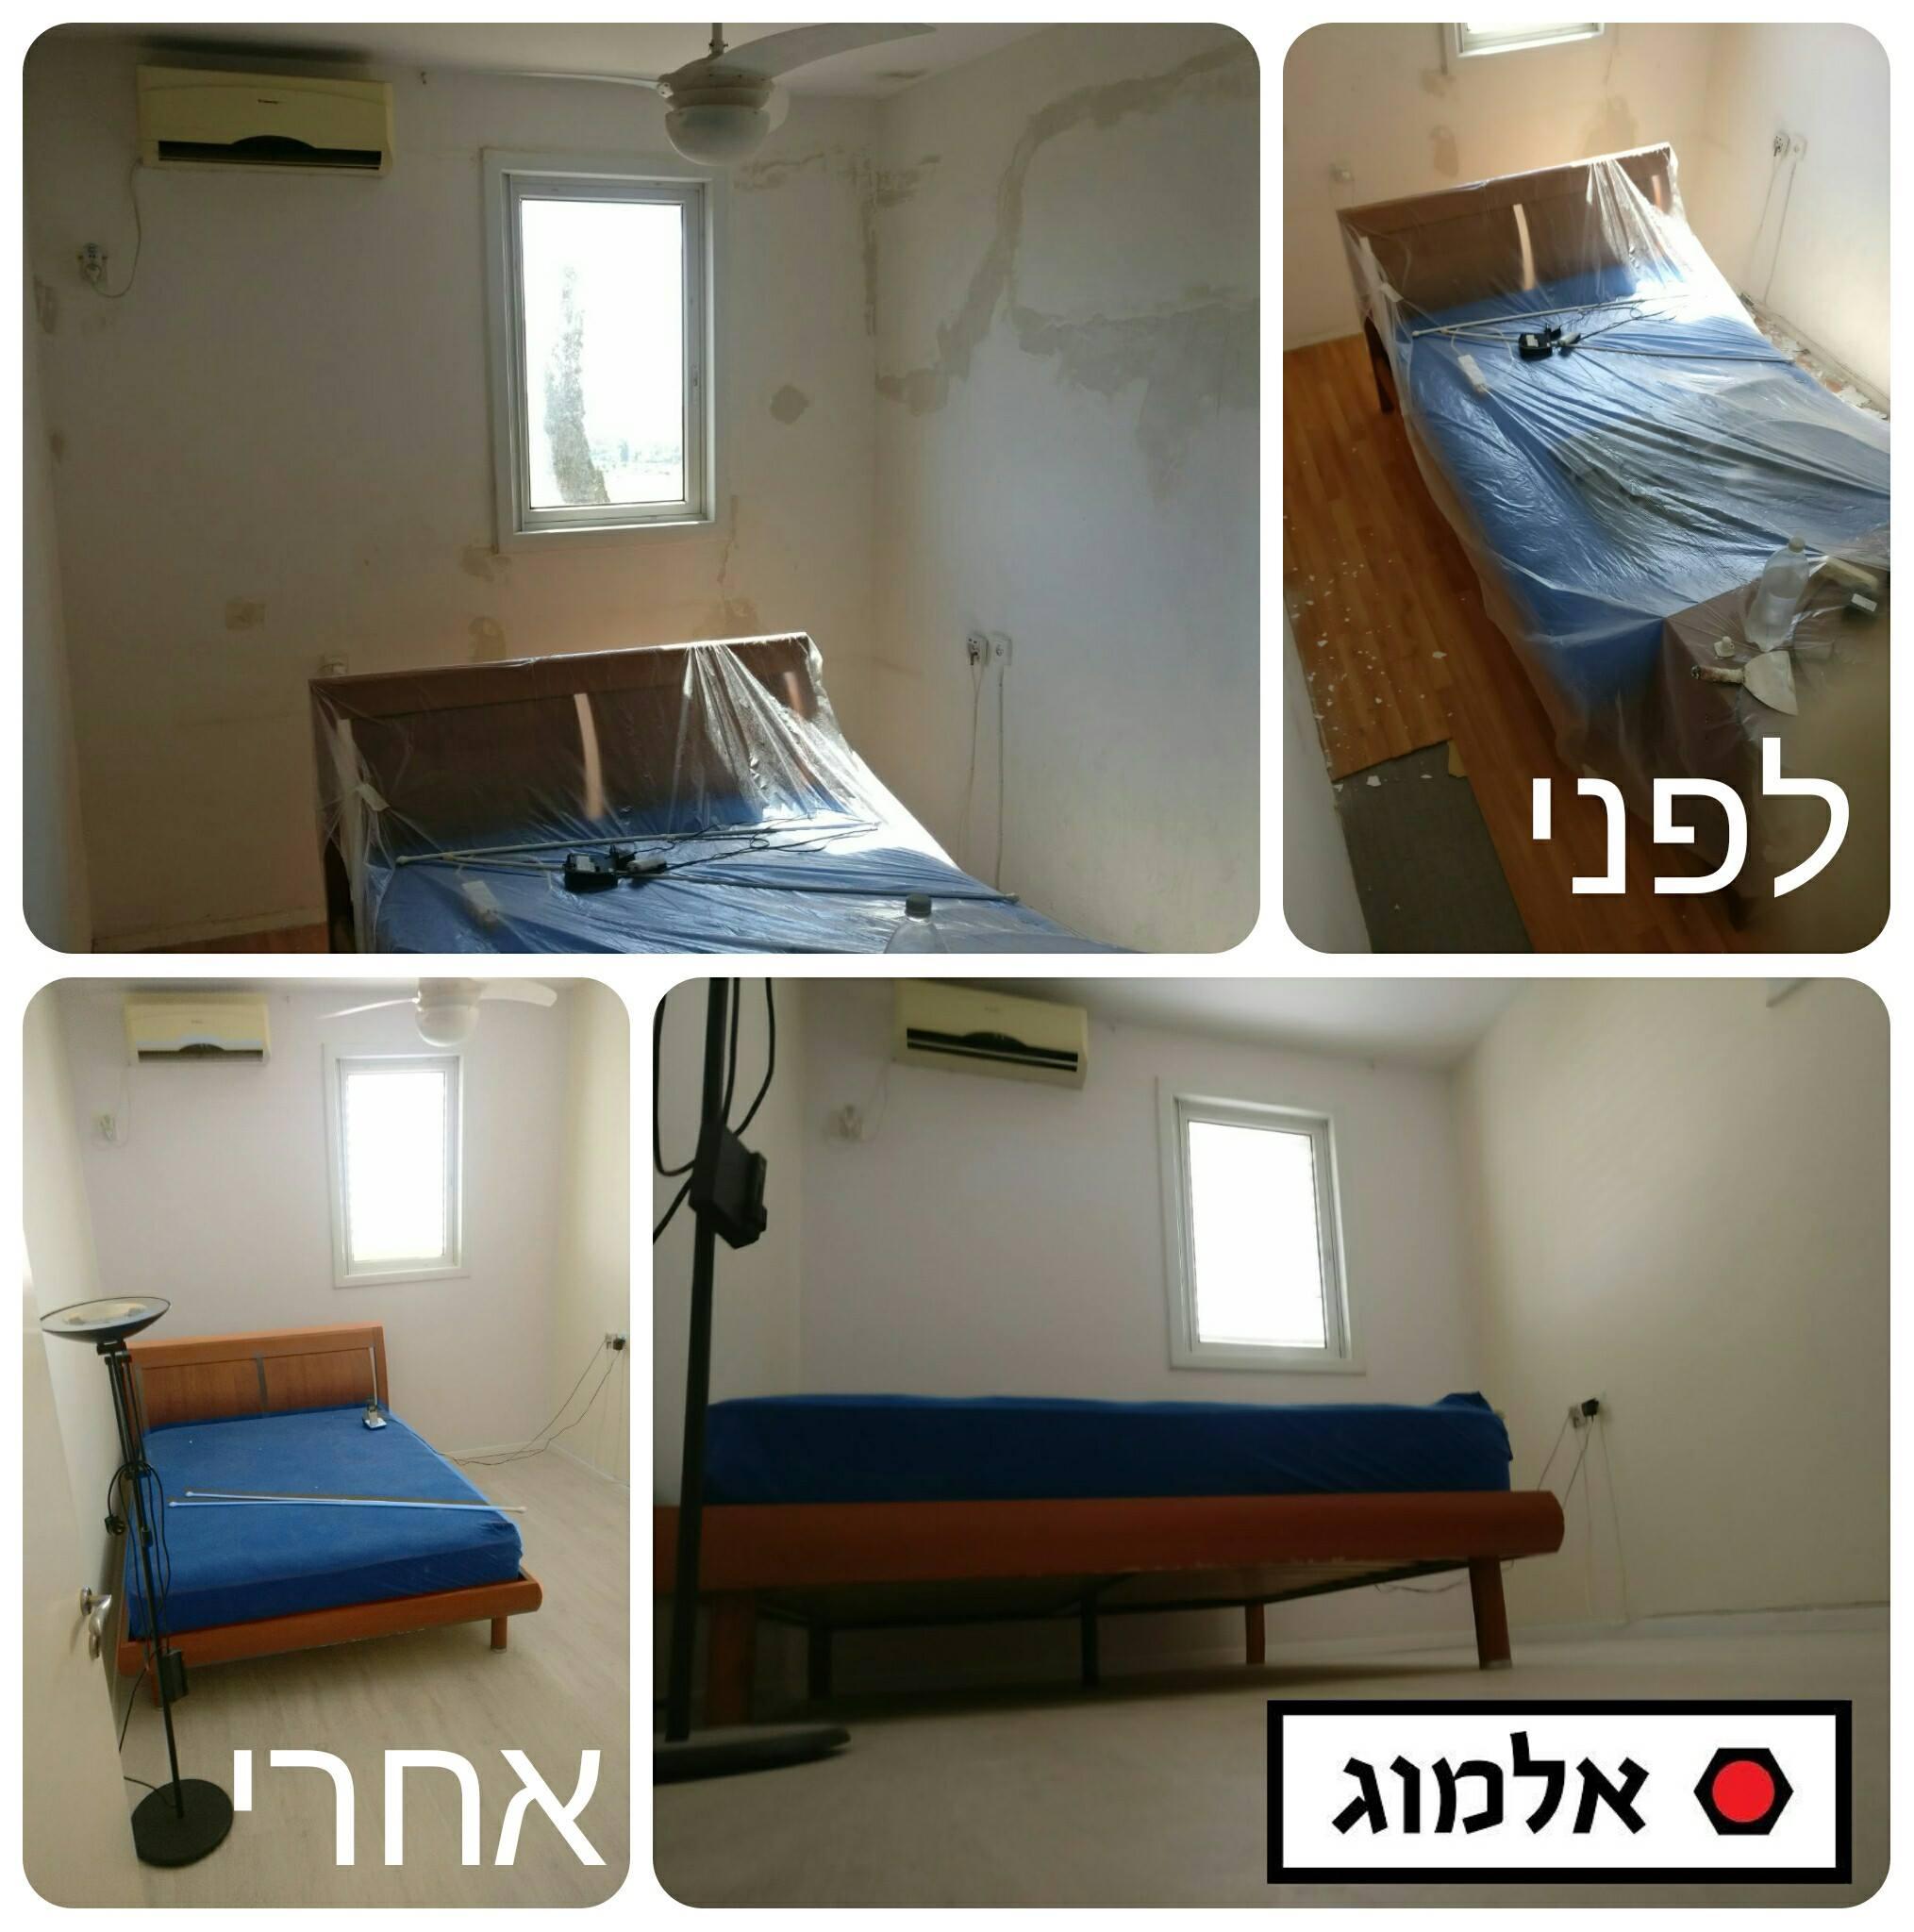 צביעה חדר שינה בשילוב גוון, פרוק והתקנת פרקט